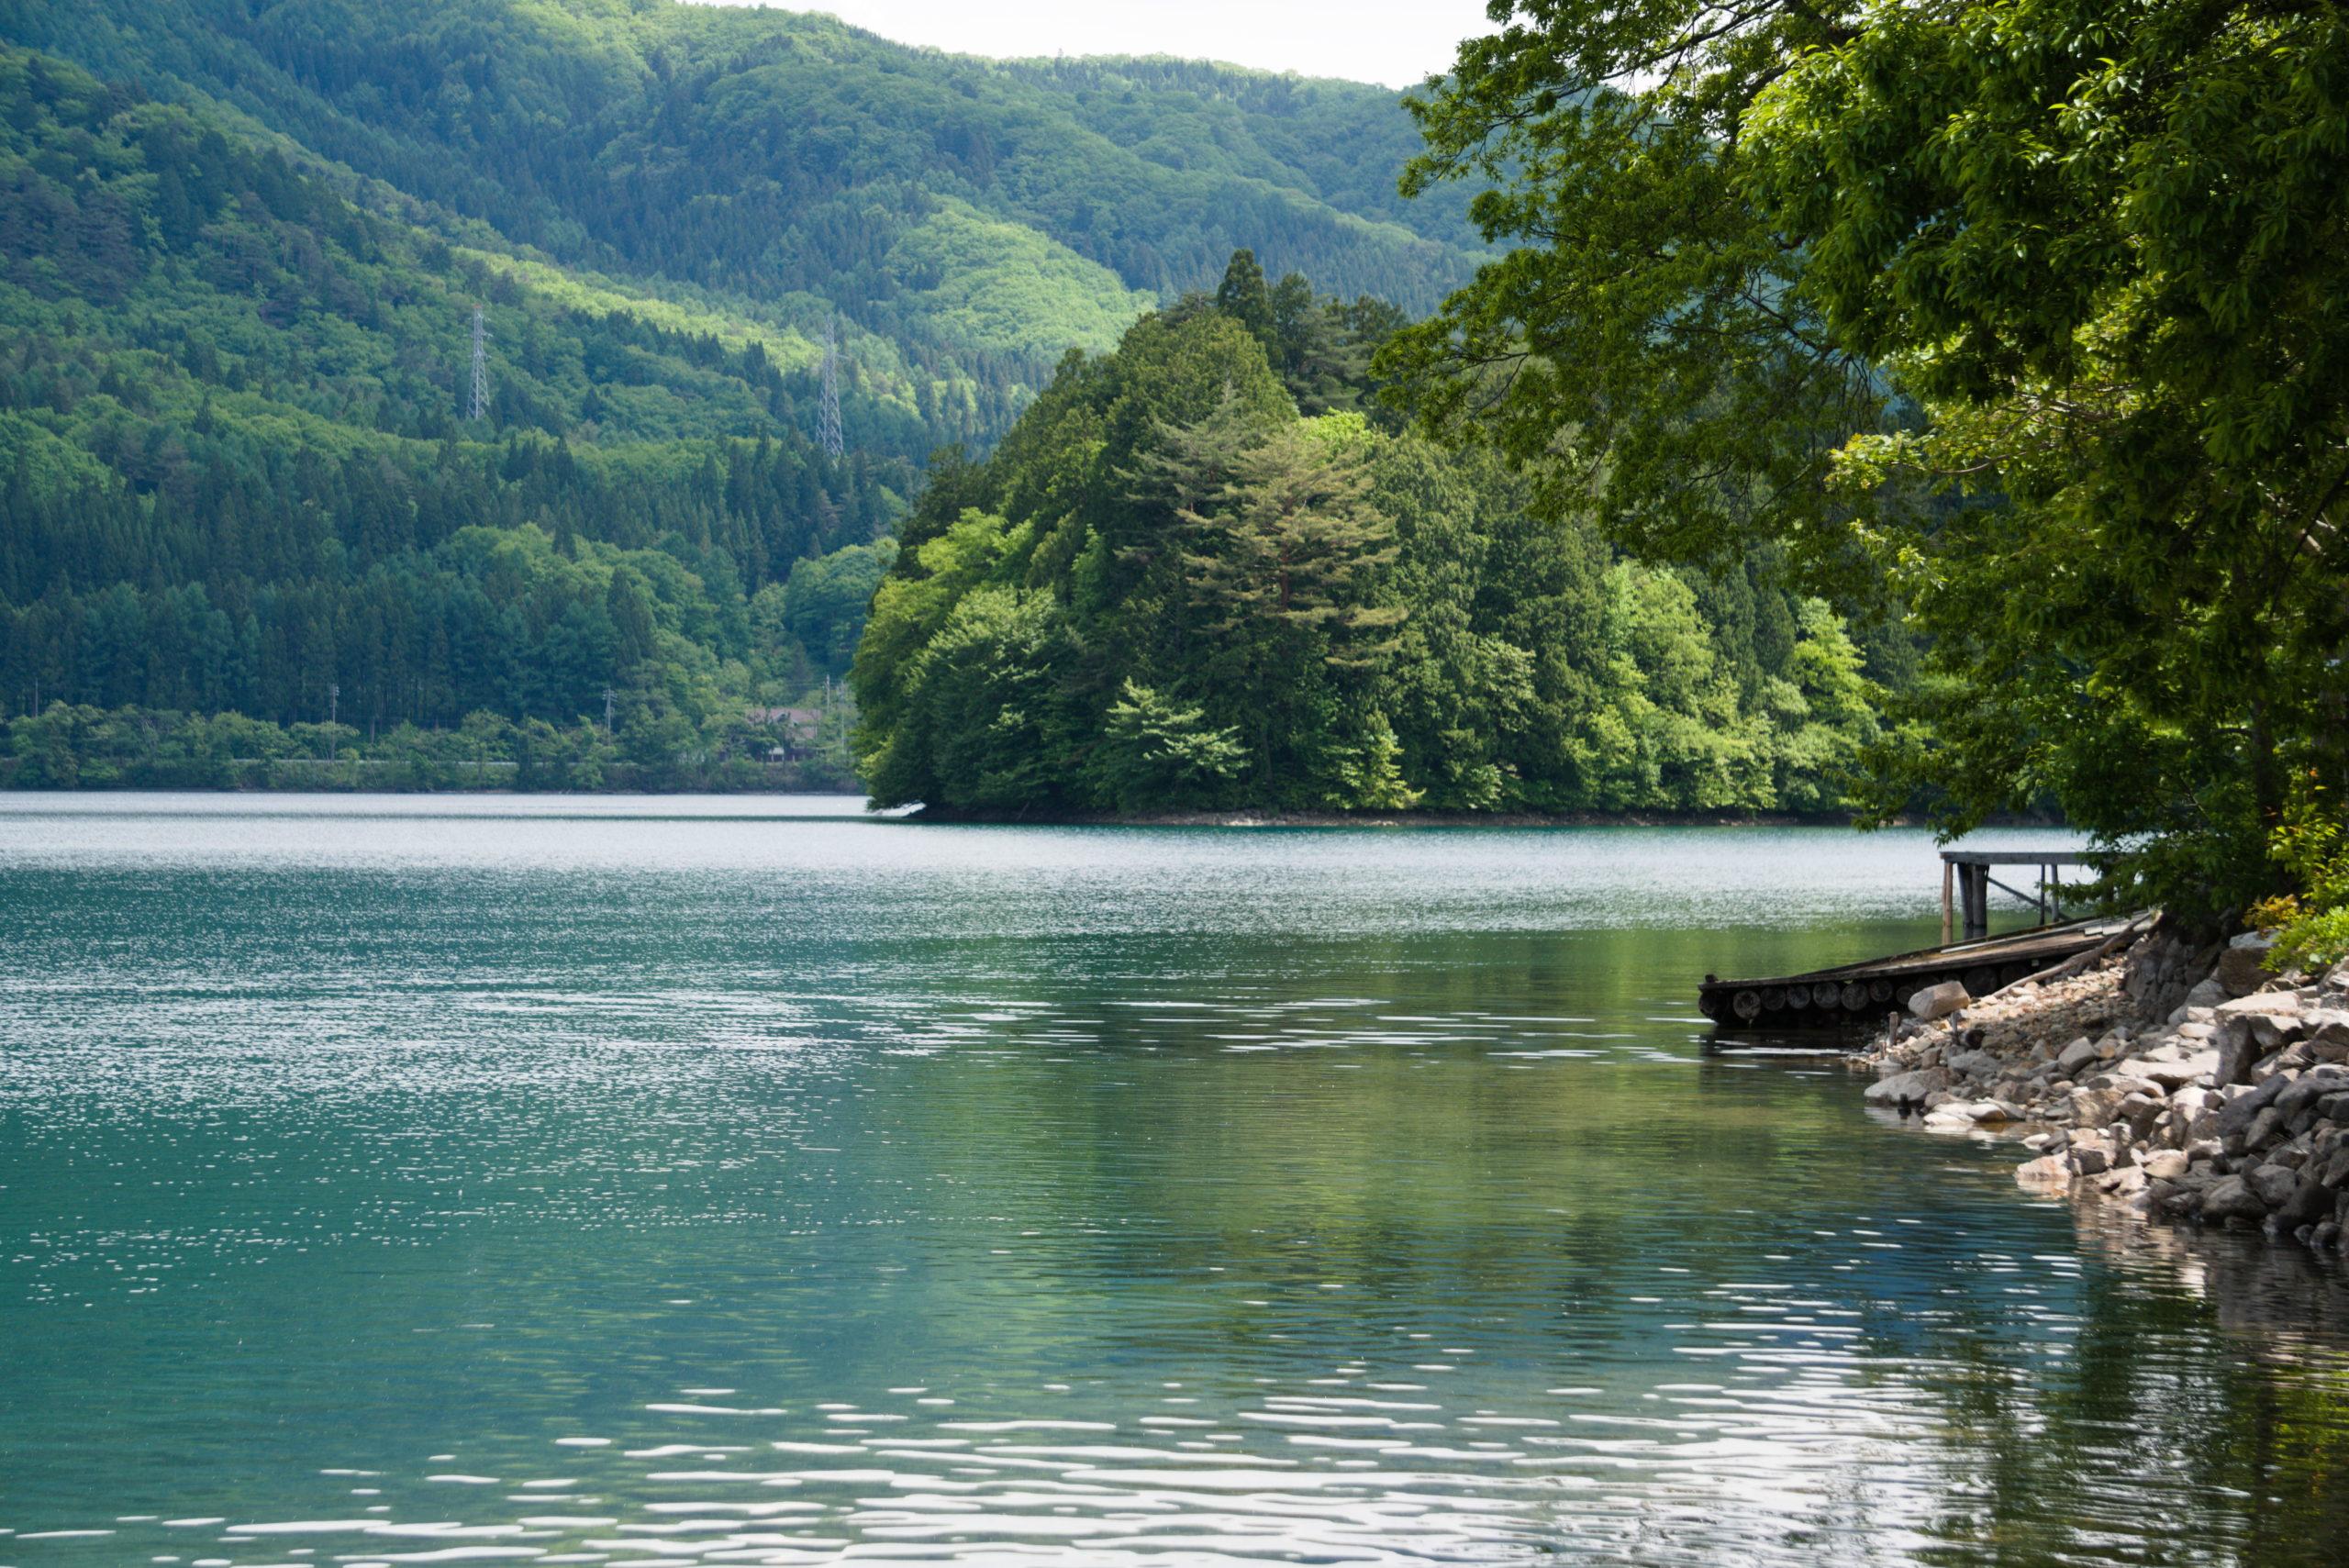 Summing in Hakuba - Lake Aokiko